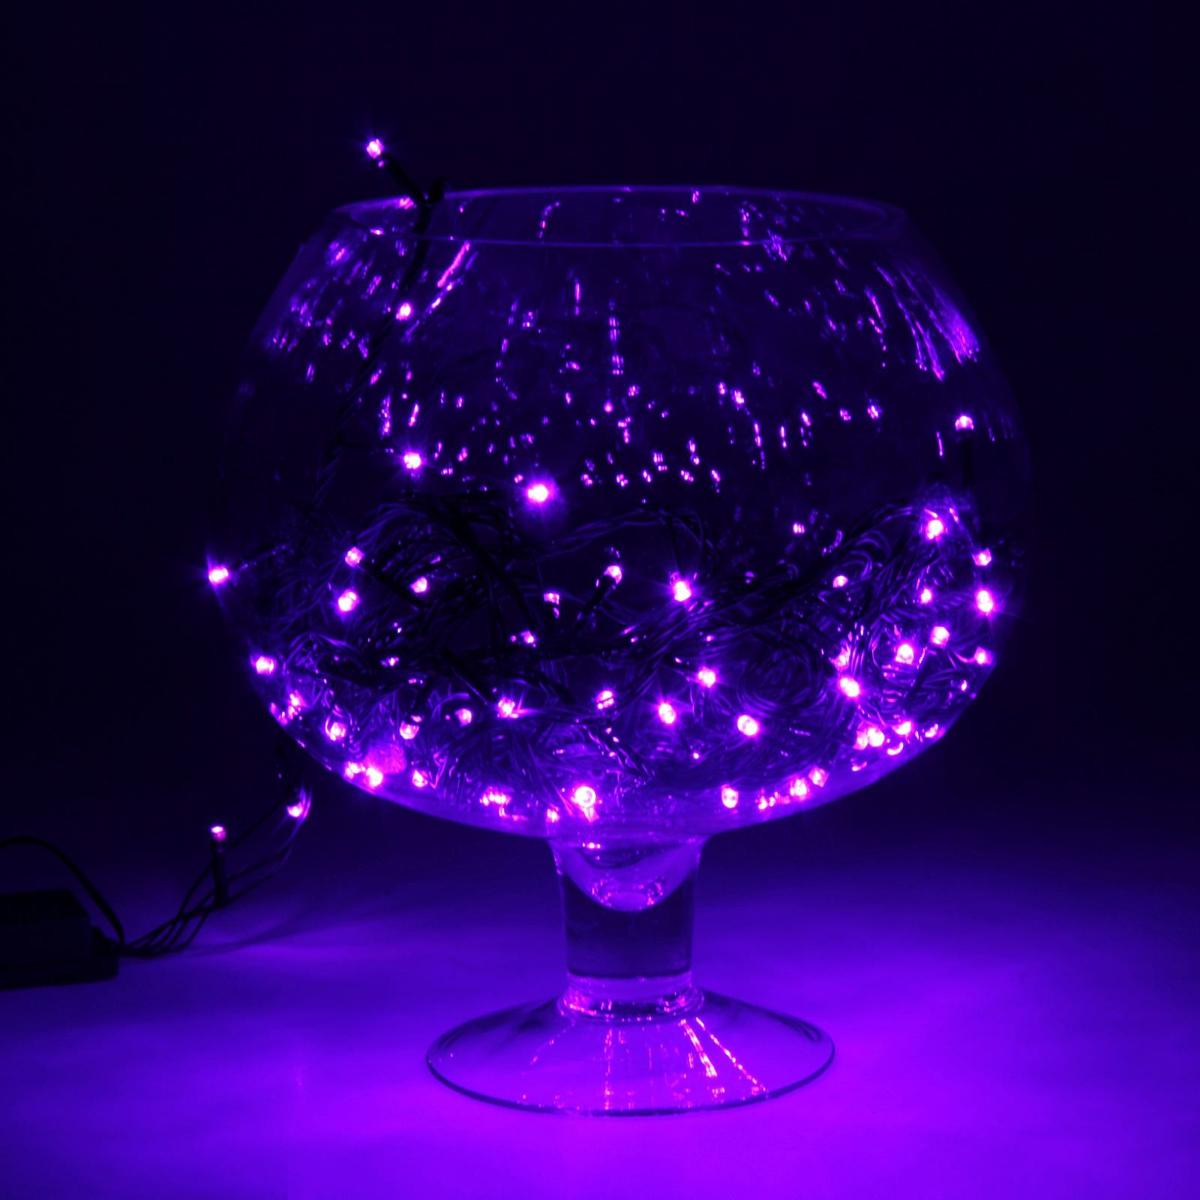 Гирлянда светодиодная Luazon Метраж, уличная, 100 ламп, 220 V, 10 м, цвет: фиолетовый. 187247187247Светодиодные гирлянды, ленты и т.д. — это отличный вариант для новогоднего оформления интерьера или фасада. С их помощью помещение любого размера можно превратить в праздничный зал, а внешние элементы зданий, украшенные ими, мгновенно станут напоминать очертания сказочного дворца. Такие украшения создают ауру предвкушения чуда. Деревья, фасады, витрины, окна и арки будто специально созданы, чтобы вы украсили их светящимися нитями.